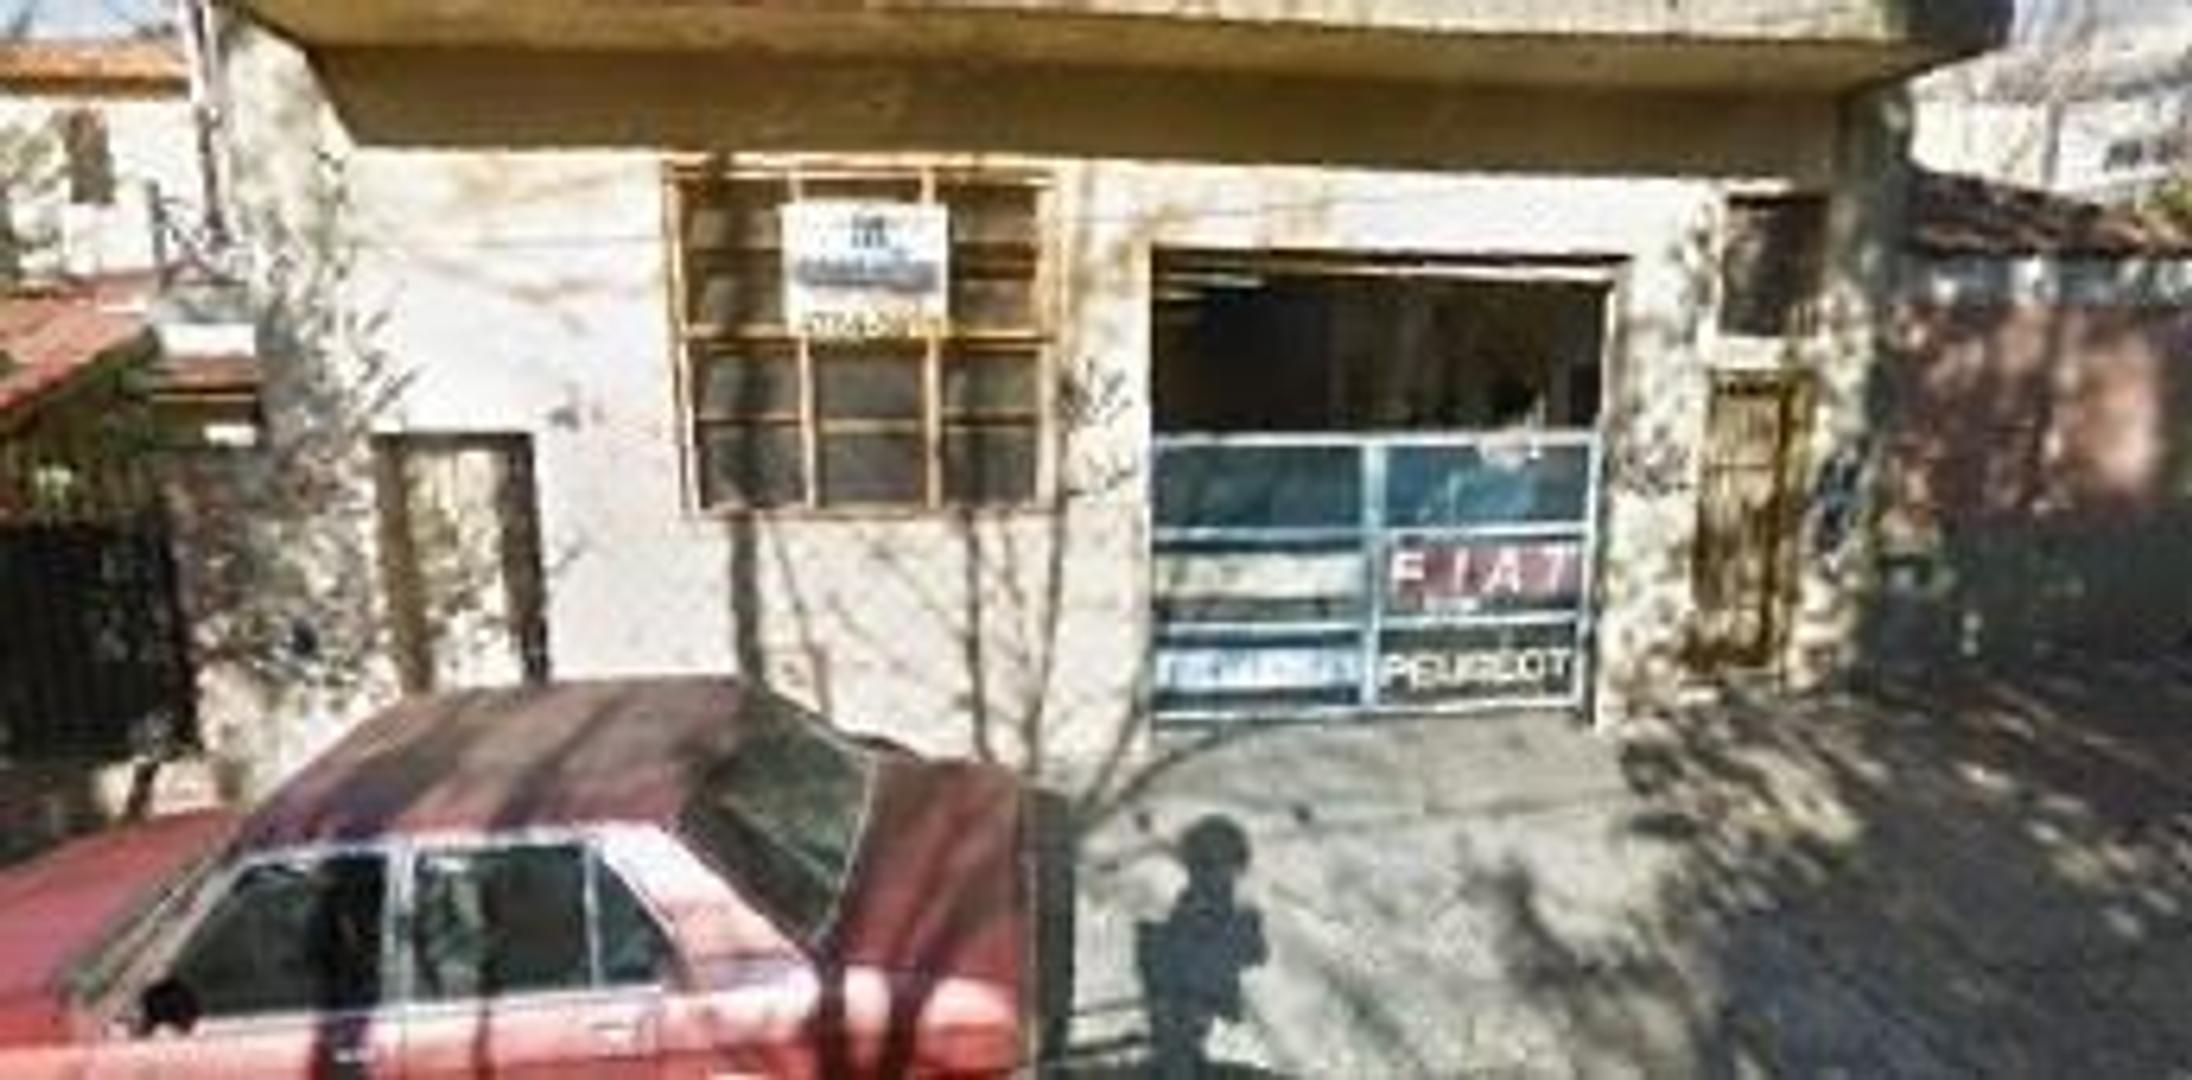 Local Venta con 2 departamentos, opción a construir con planos aprobados.